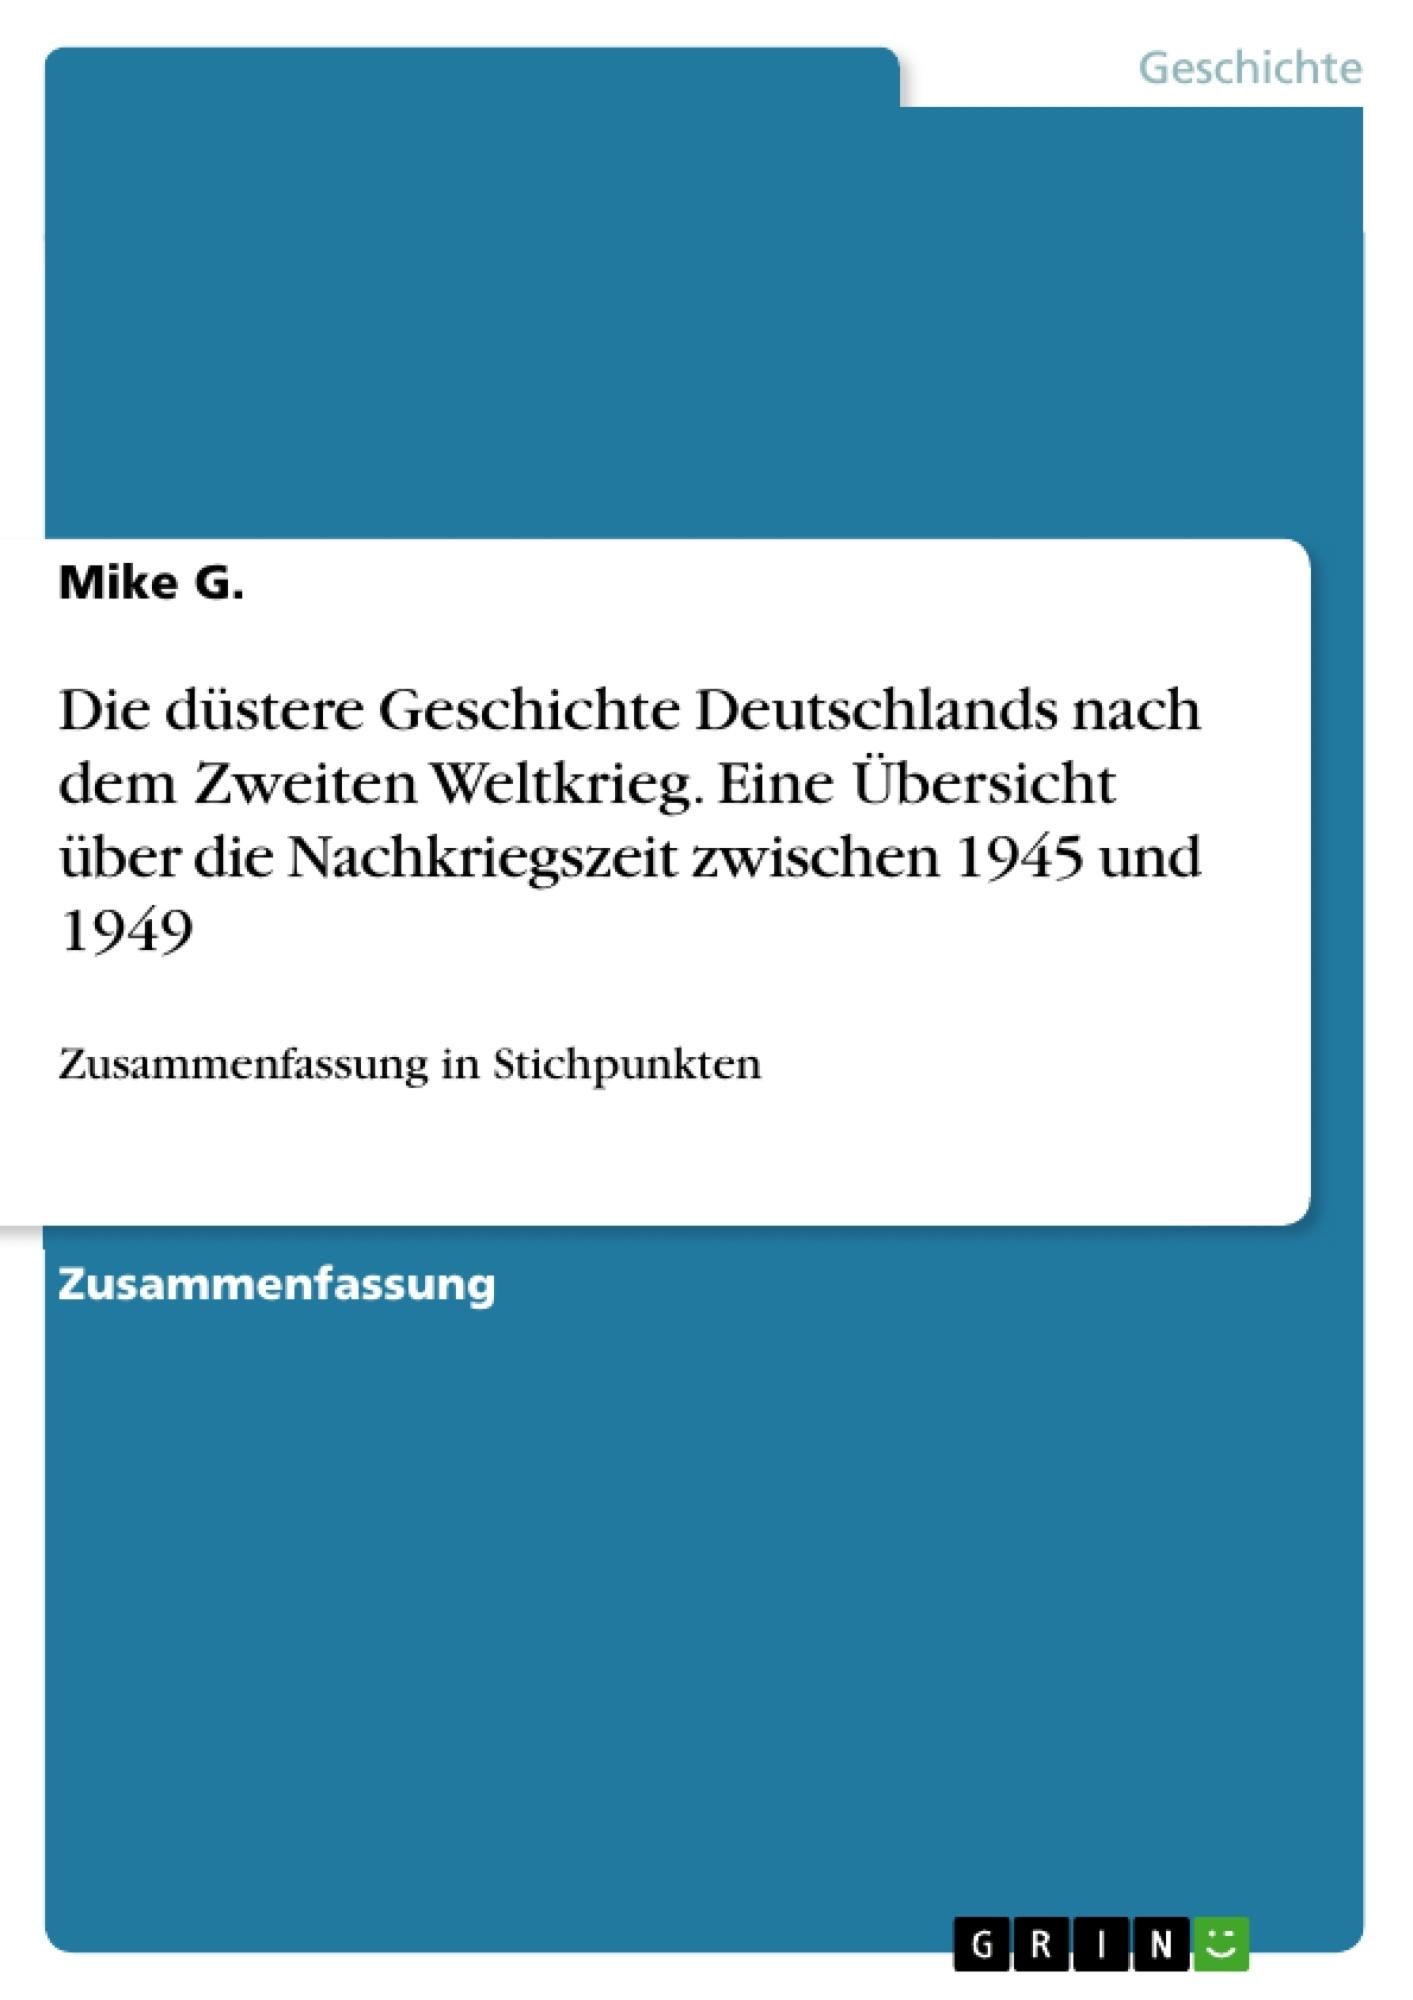 Titel: Die düstere Geschichte Deutschlands nach dem Zweiten Weltkrieg. Eine Übersicht über die Nachkriegszeit zwischen 1945 und 1949